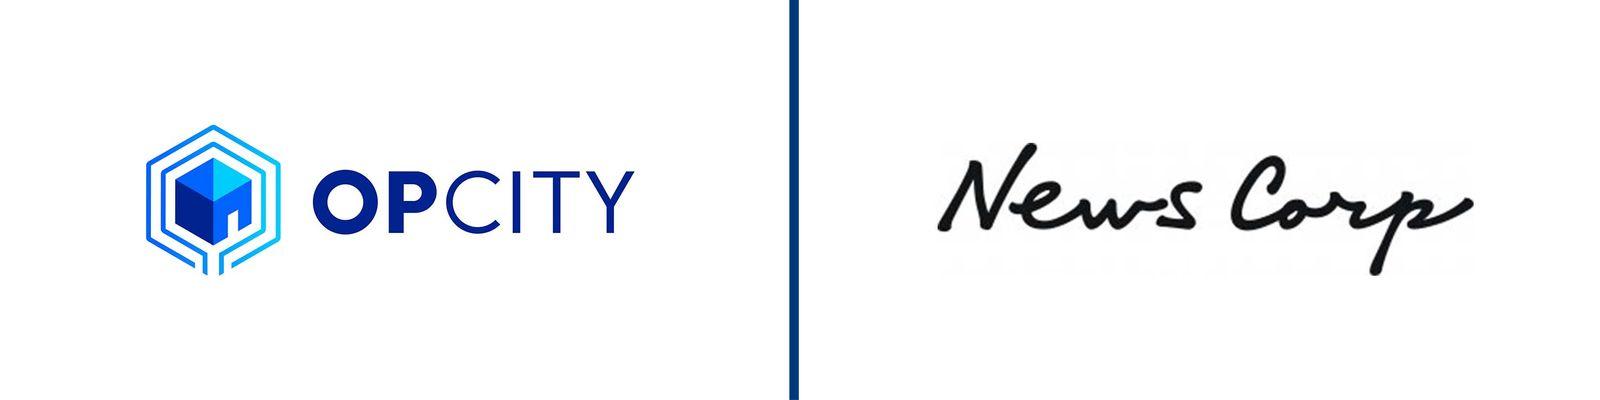 Opcity News Corp.jpg